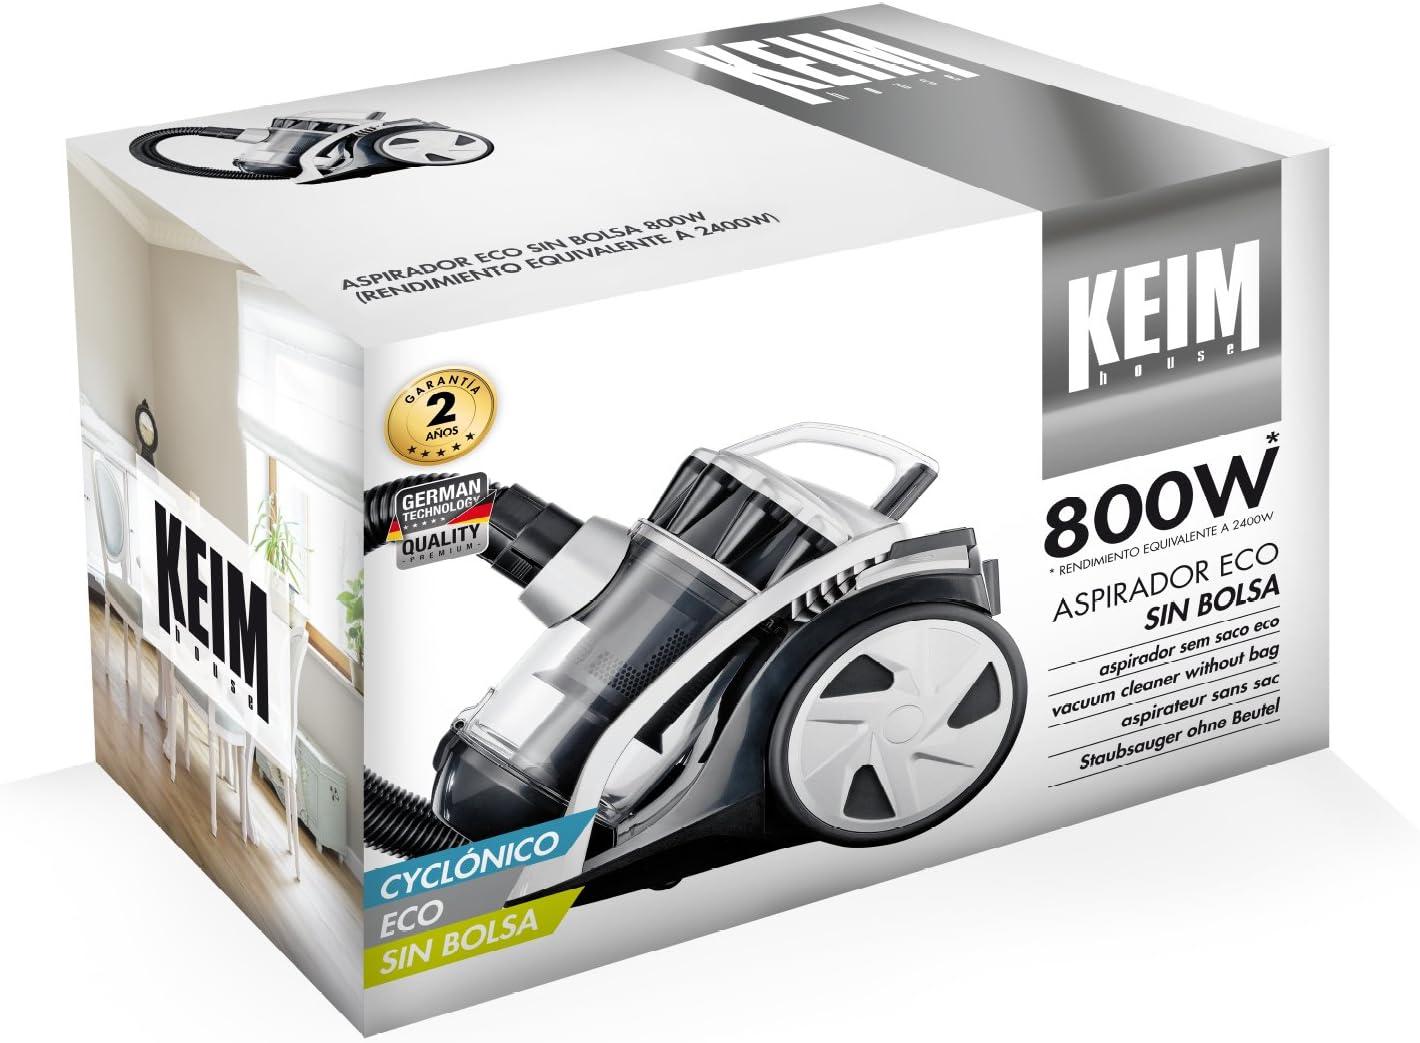 Keim House 33663 Aspirador ECO sin bolsa, 800 W, 2 litros, Blanco y negro: Amazon.es: Hogar